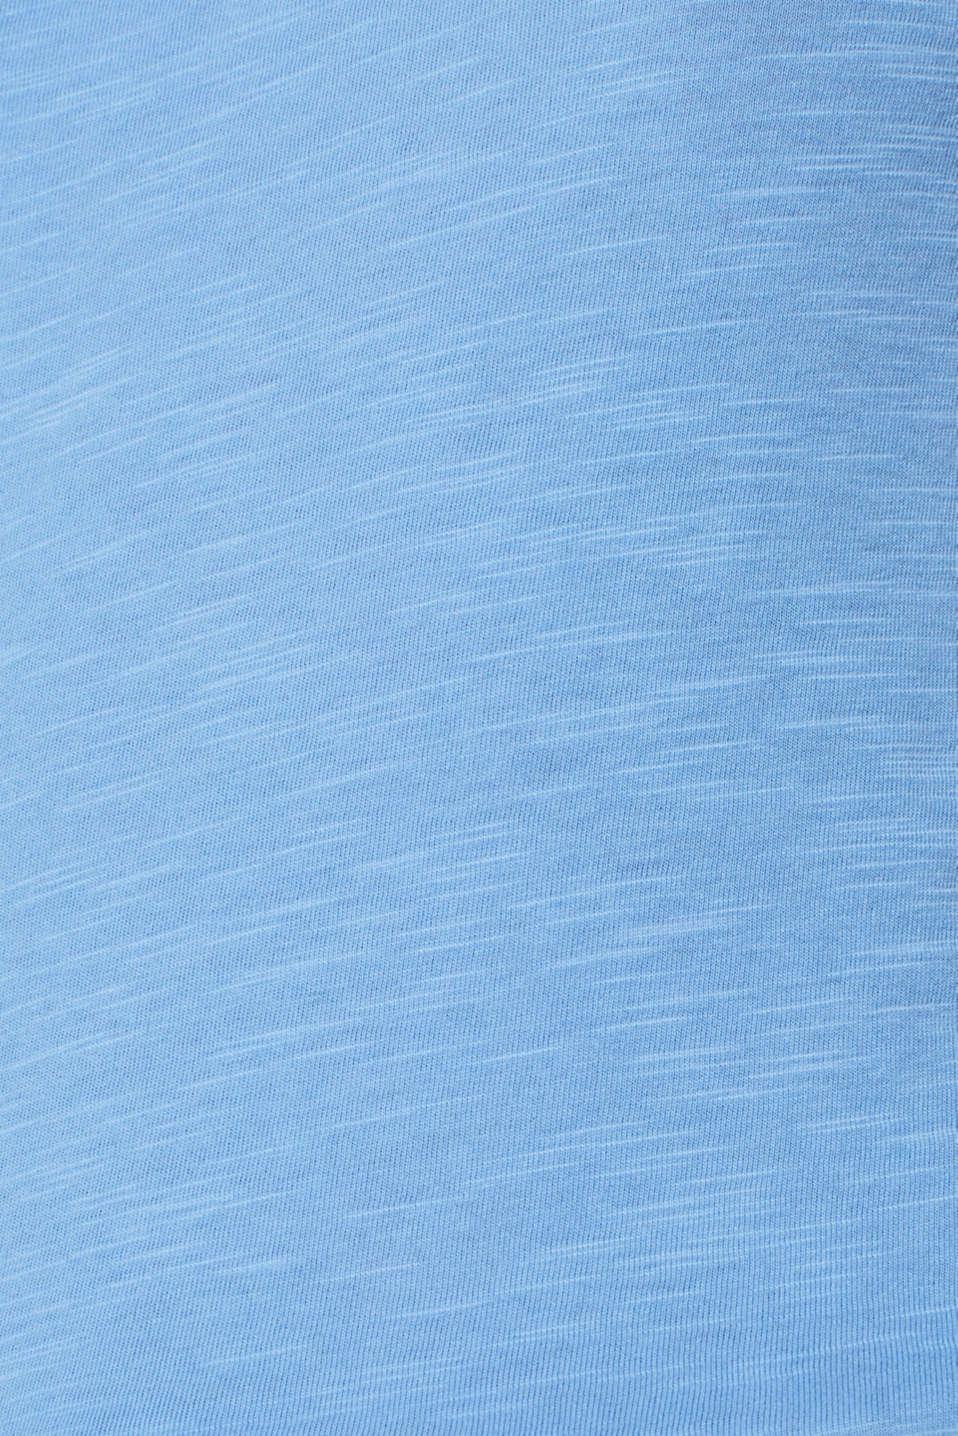 T-Shirts, BLUE LAVENDER 4, detail image number 4